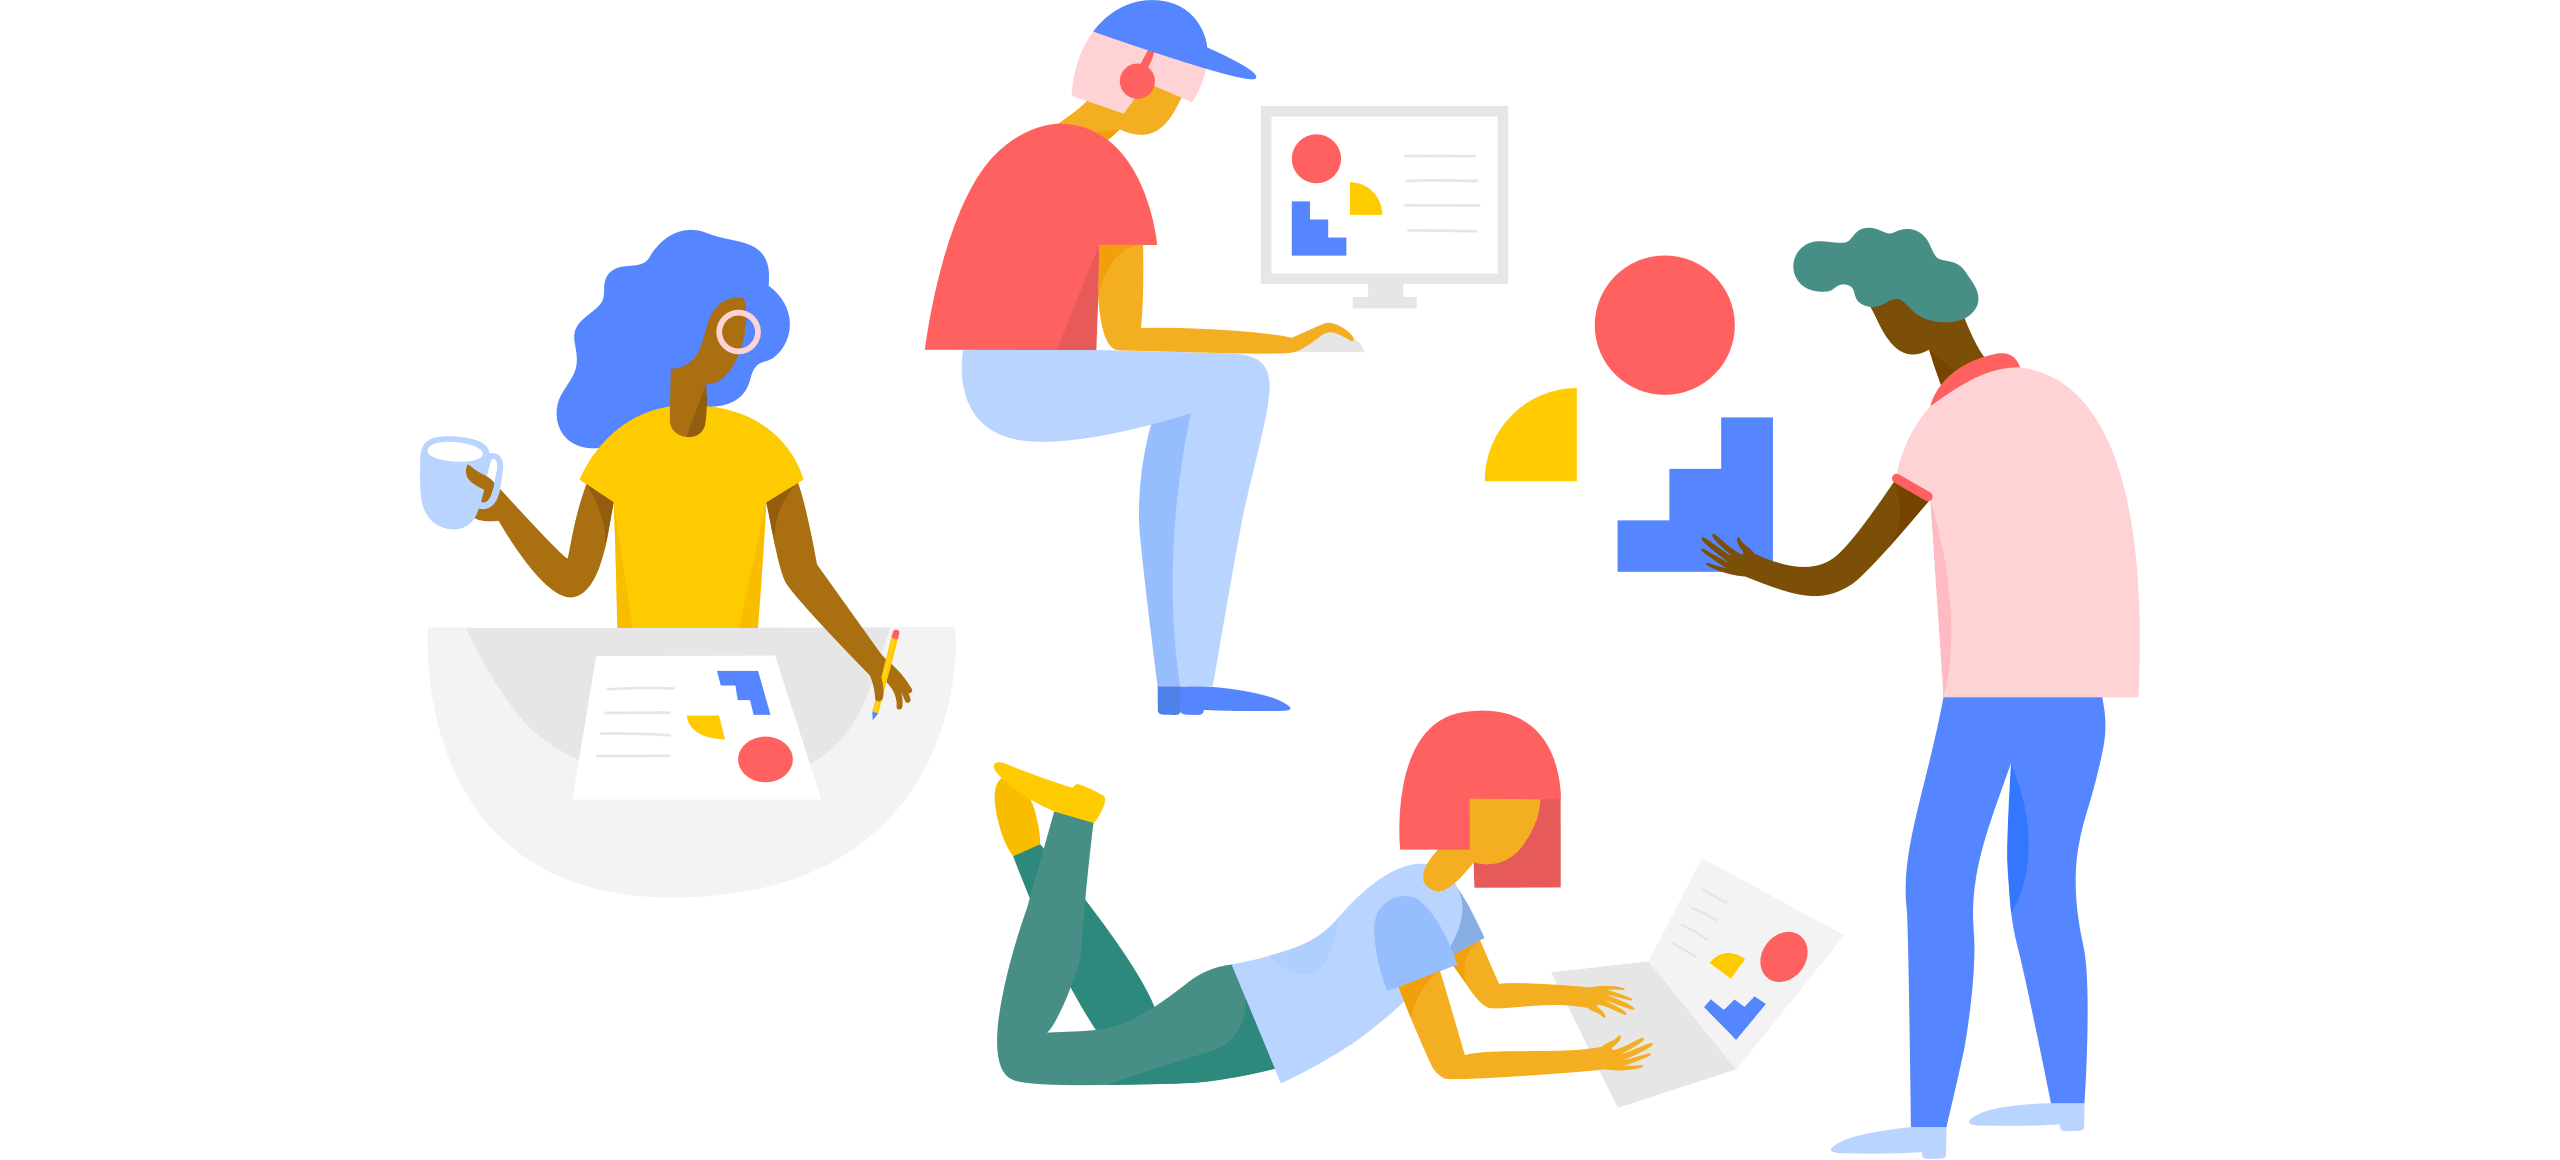 Онлайн платформи для вивчення дизайну